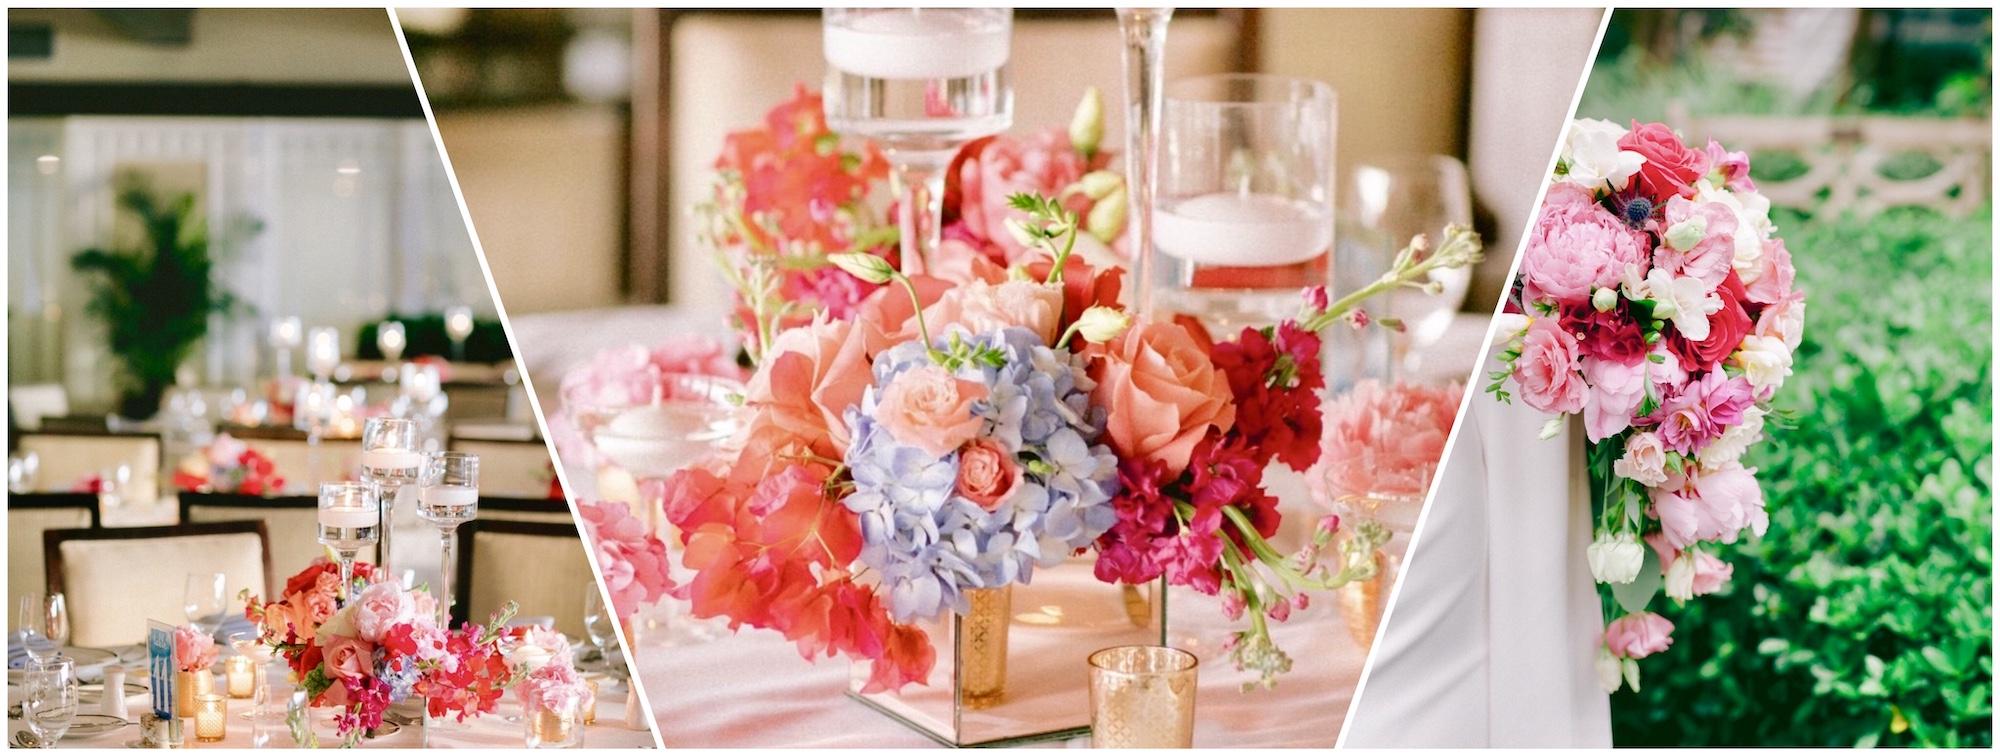 Event Floral Arrangements Services Velene's Floral